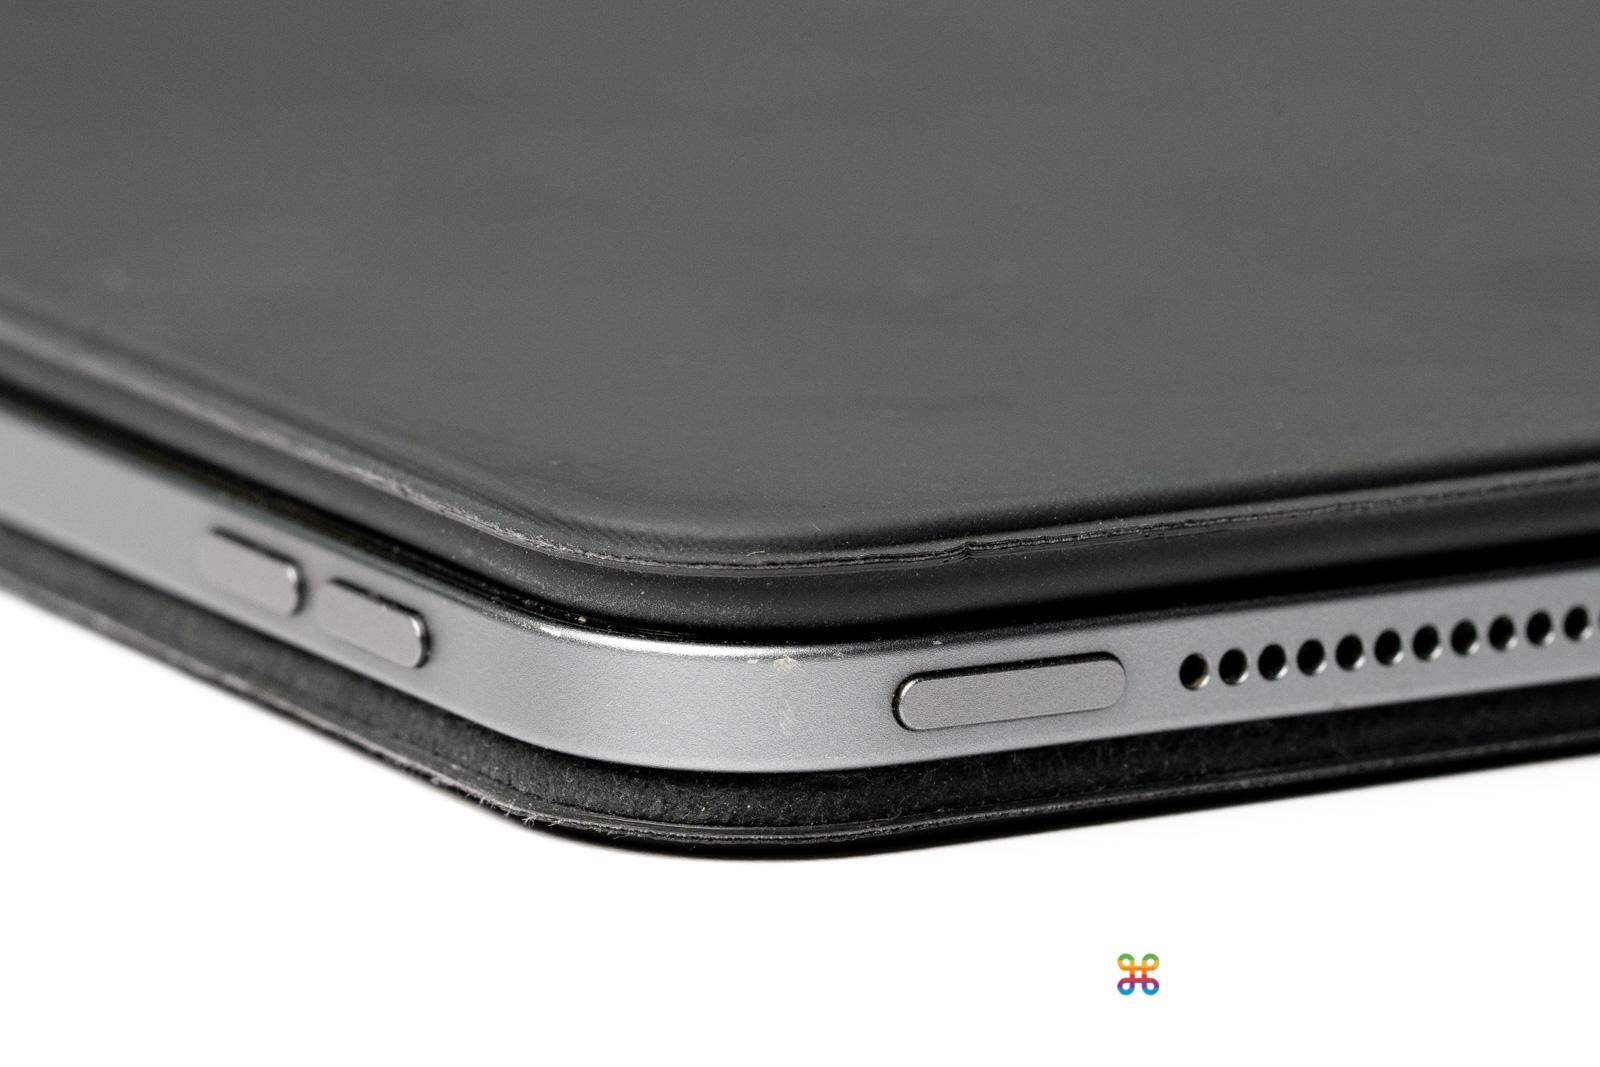 沒裝殼的 iPad 受傷了